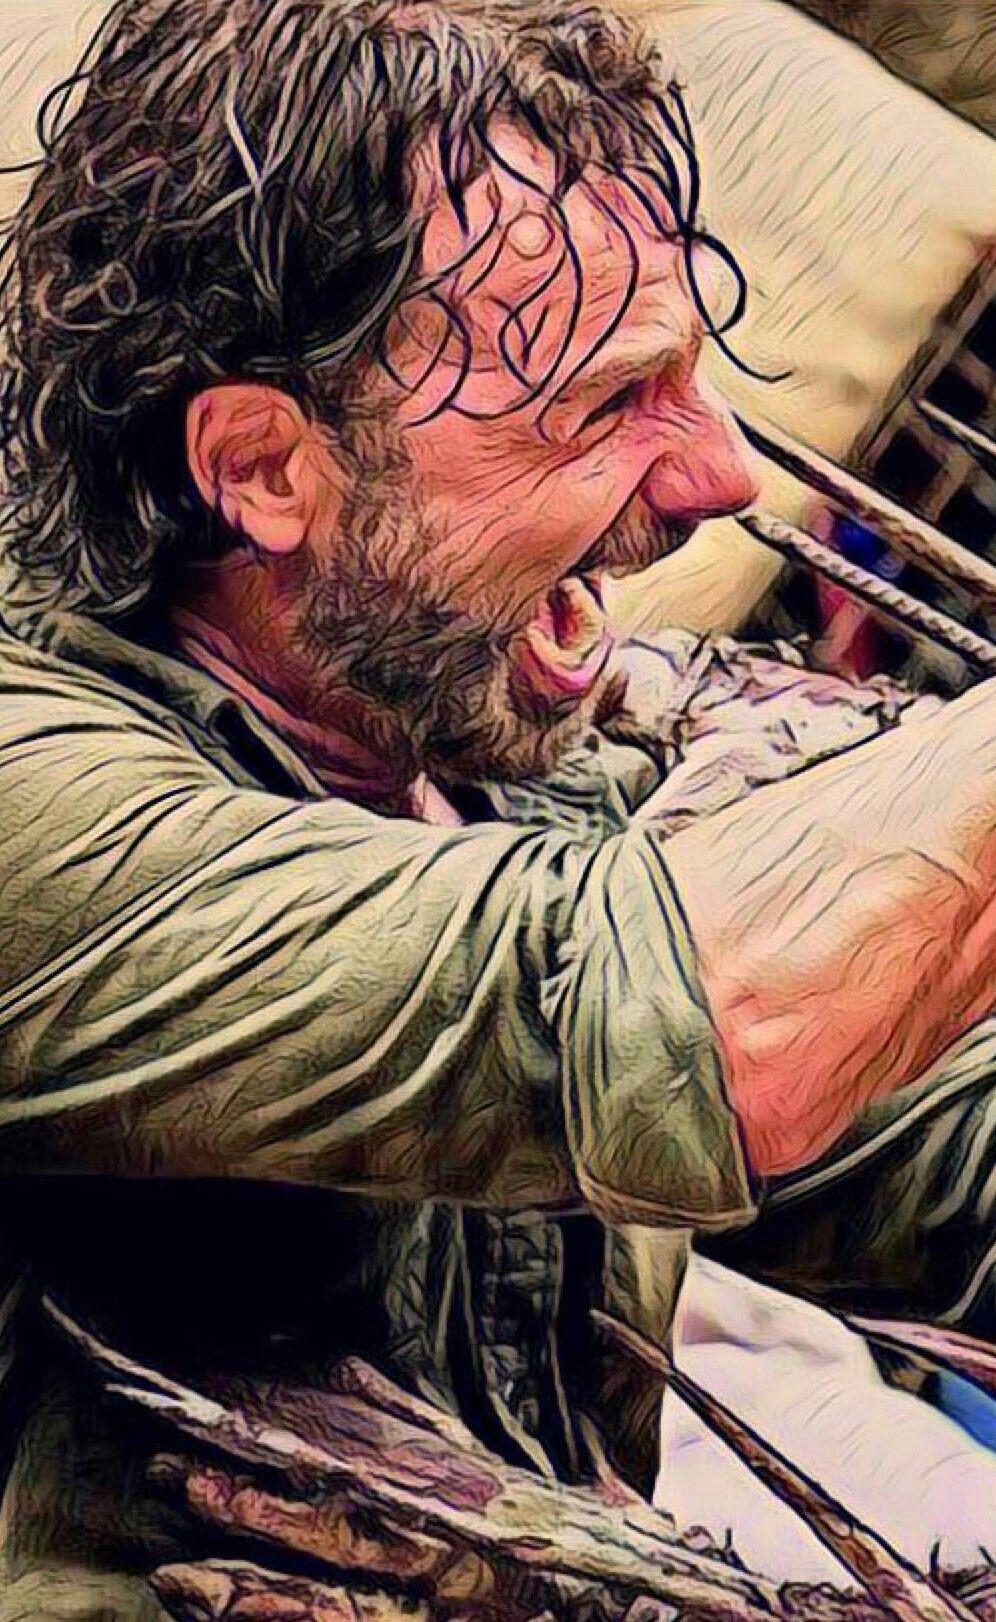 Rick Grimes Walking Dead Art The Walking Dead 3 The Walking Dead